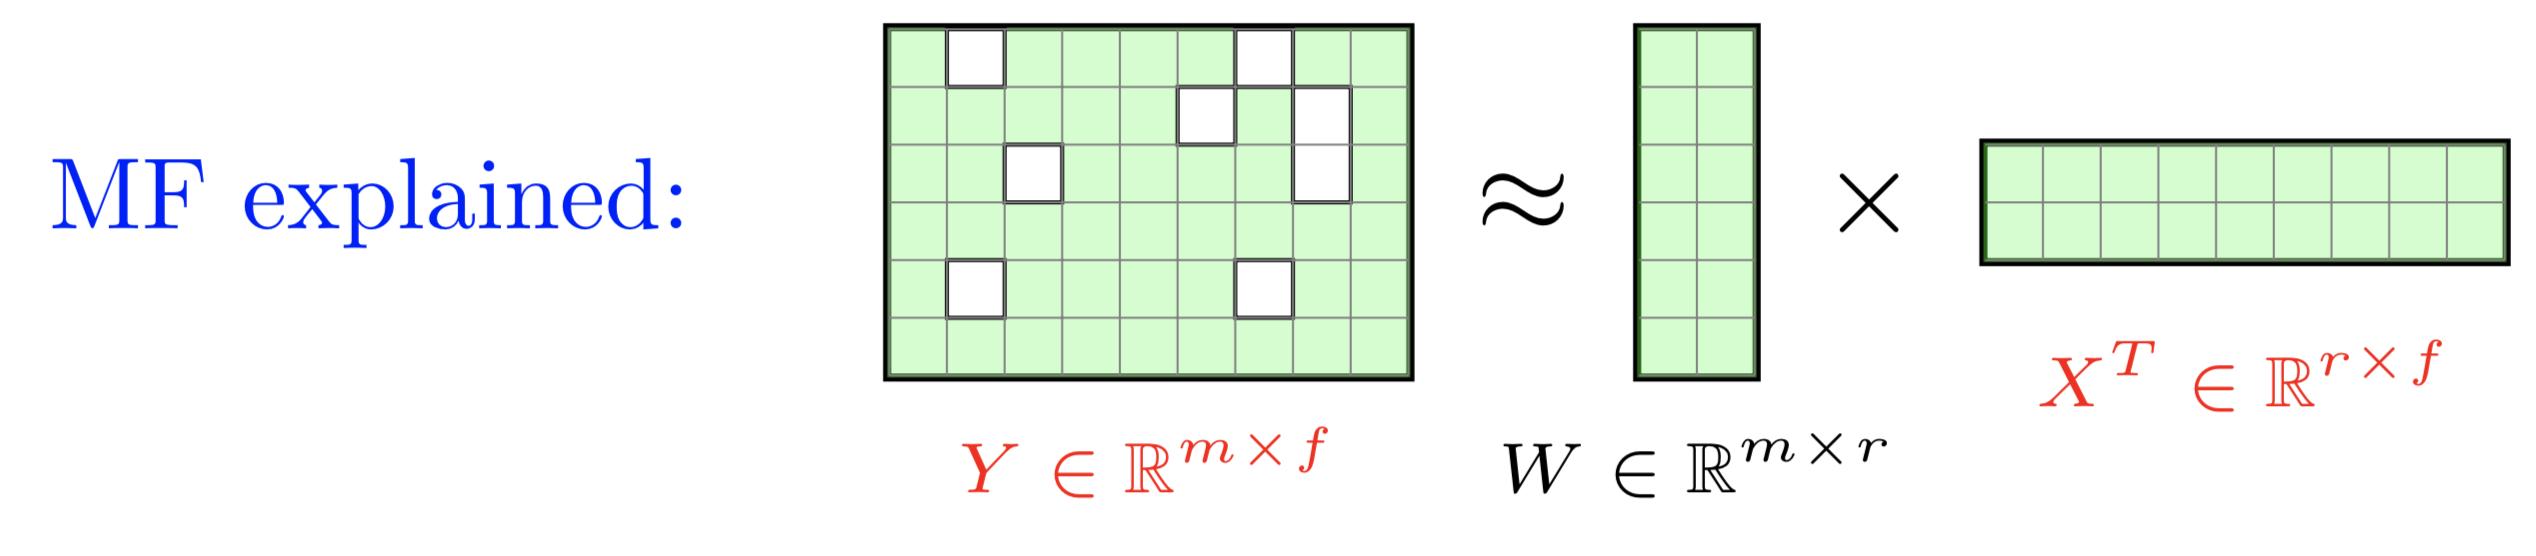 mf-explained